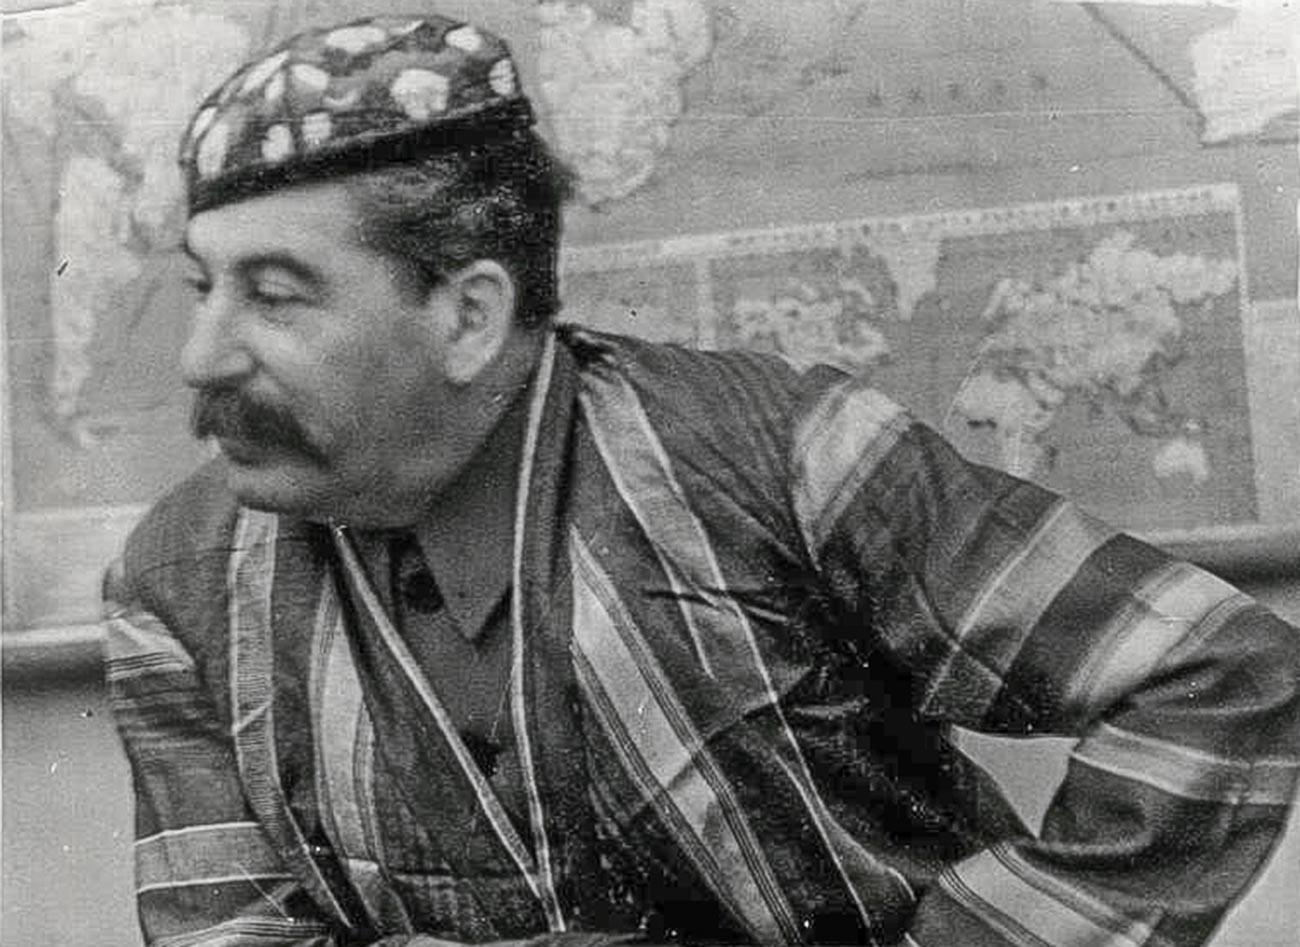 Stálin em trajes nacionais do Uzbequistão, década de 1930